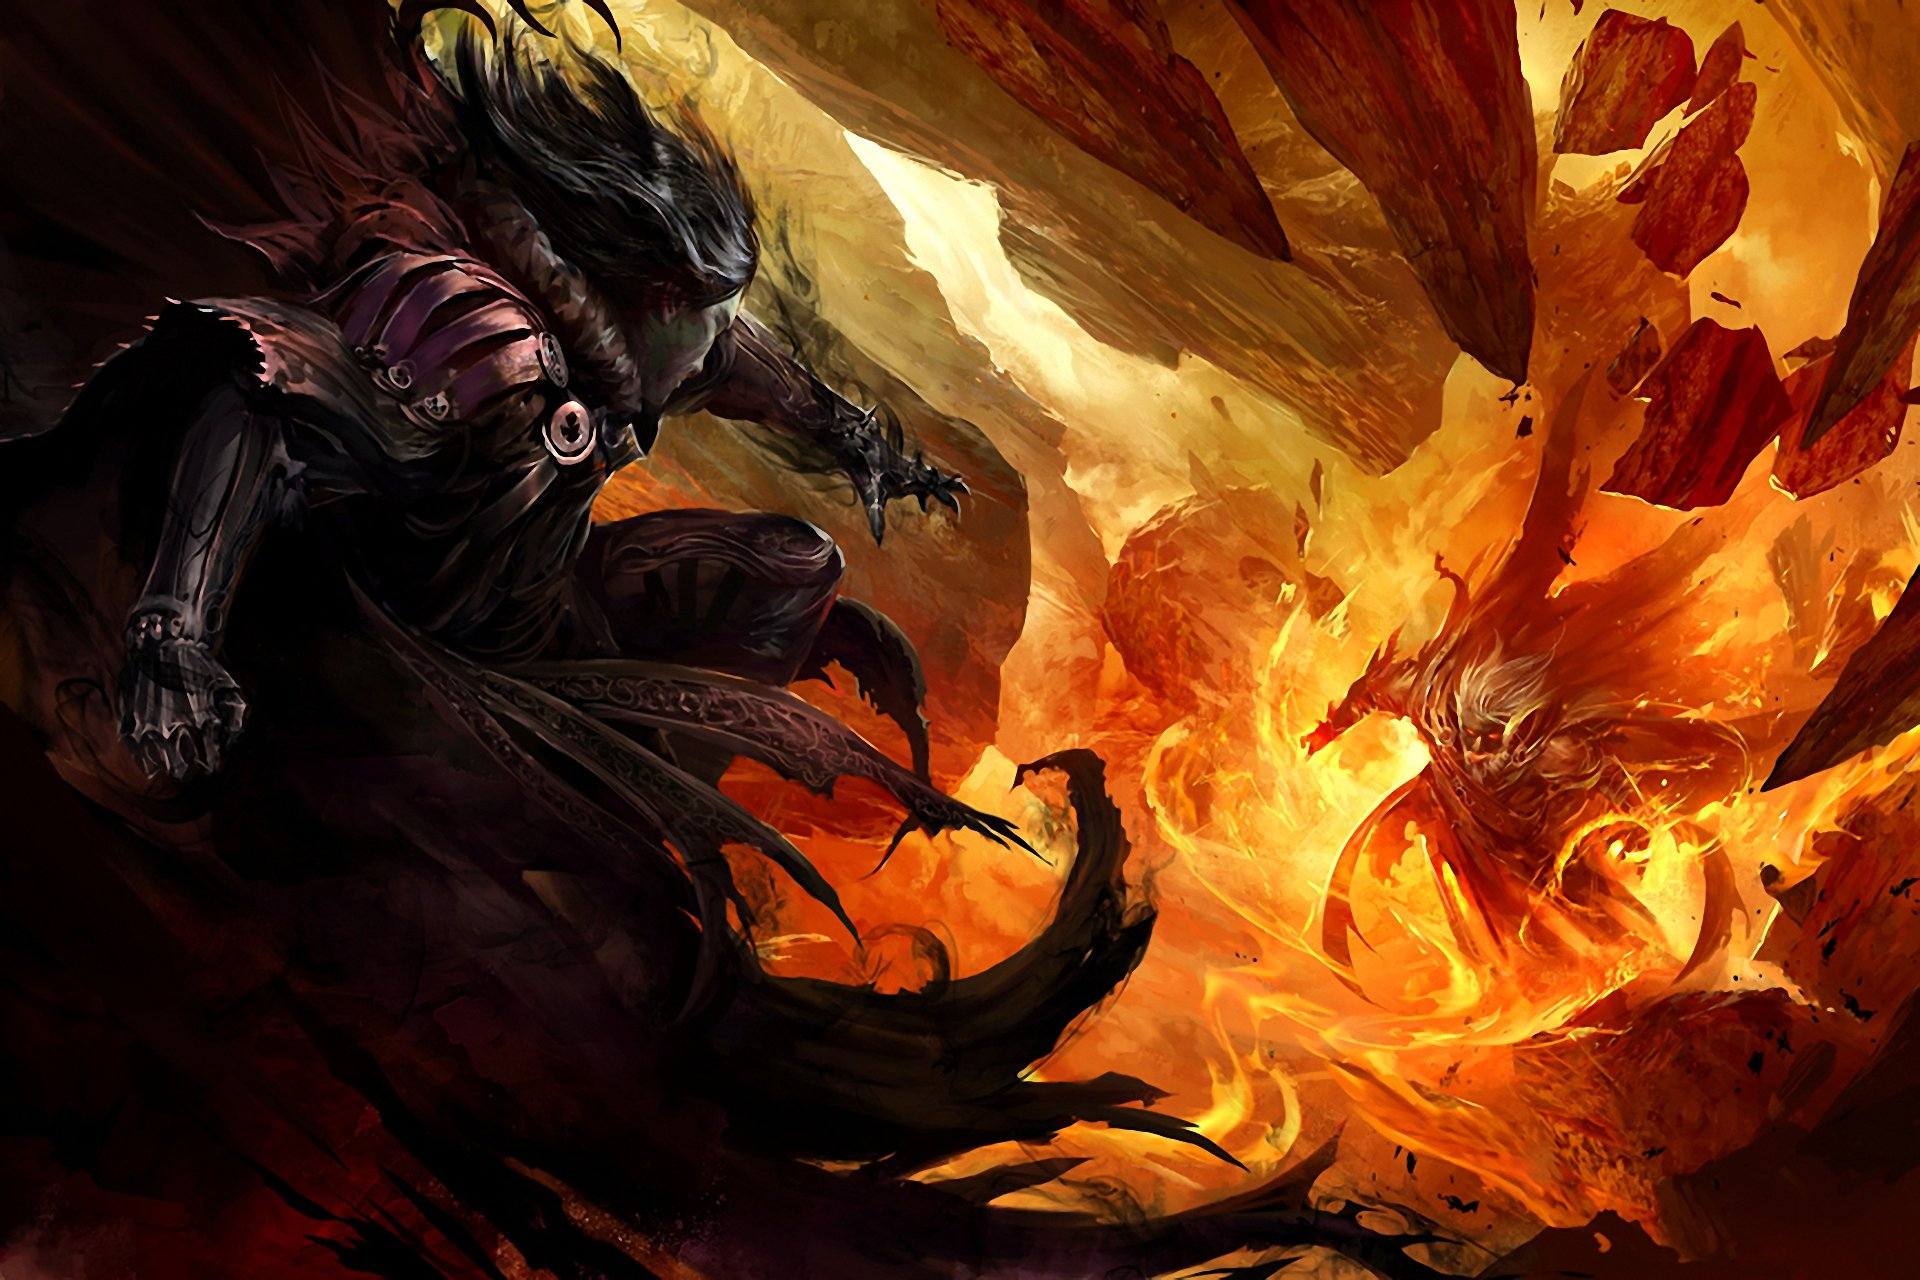 делать картинки воин тьмы огонь компактный